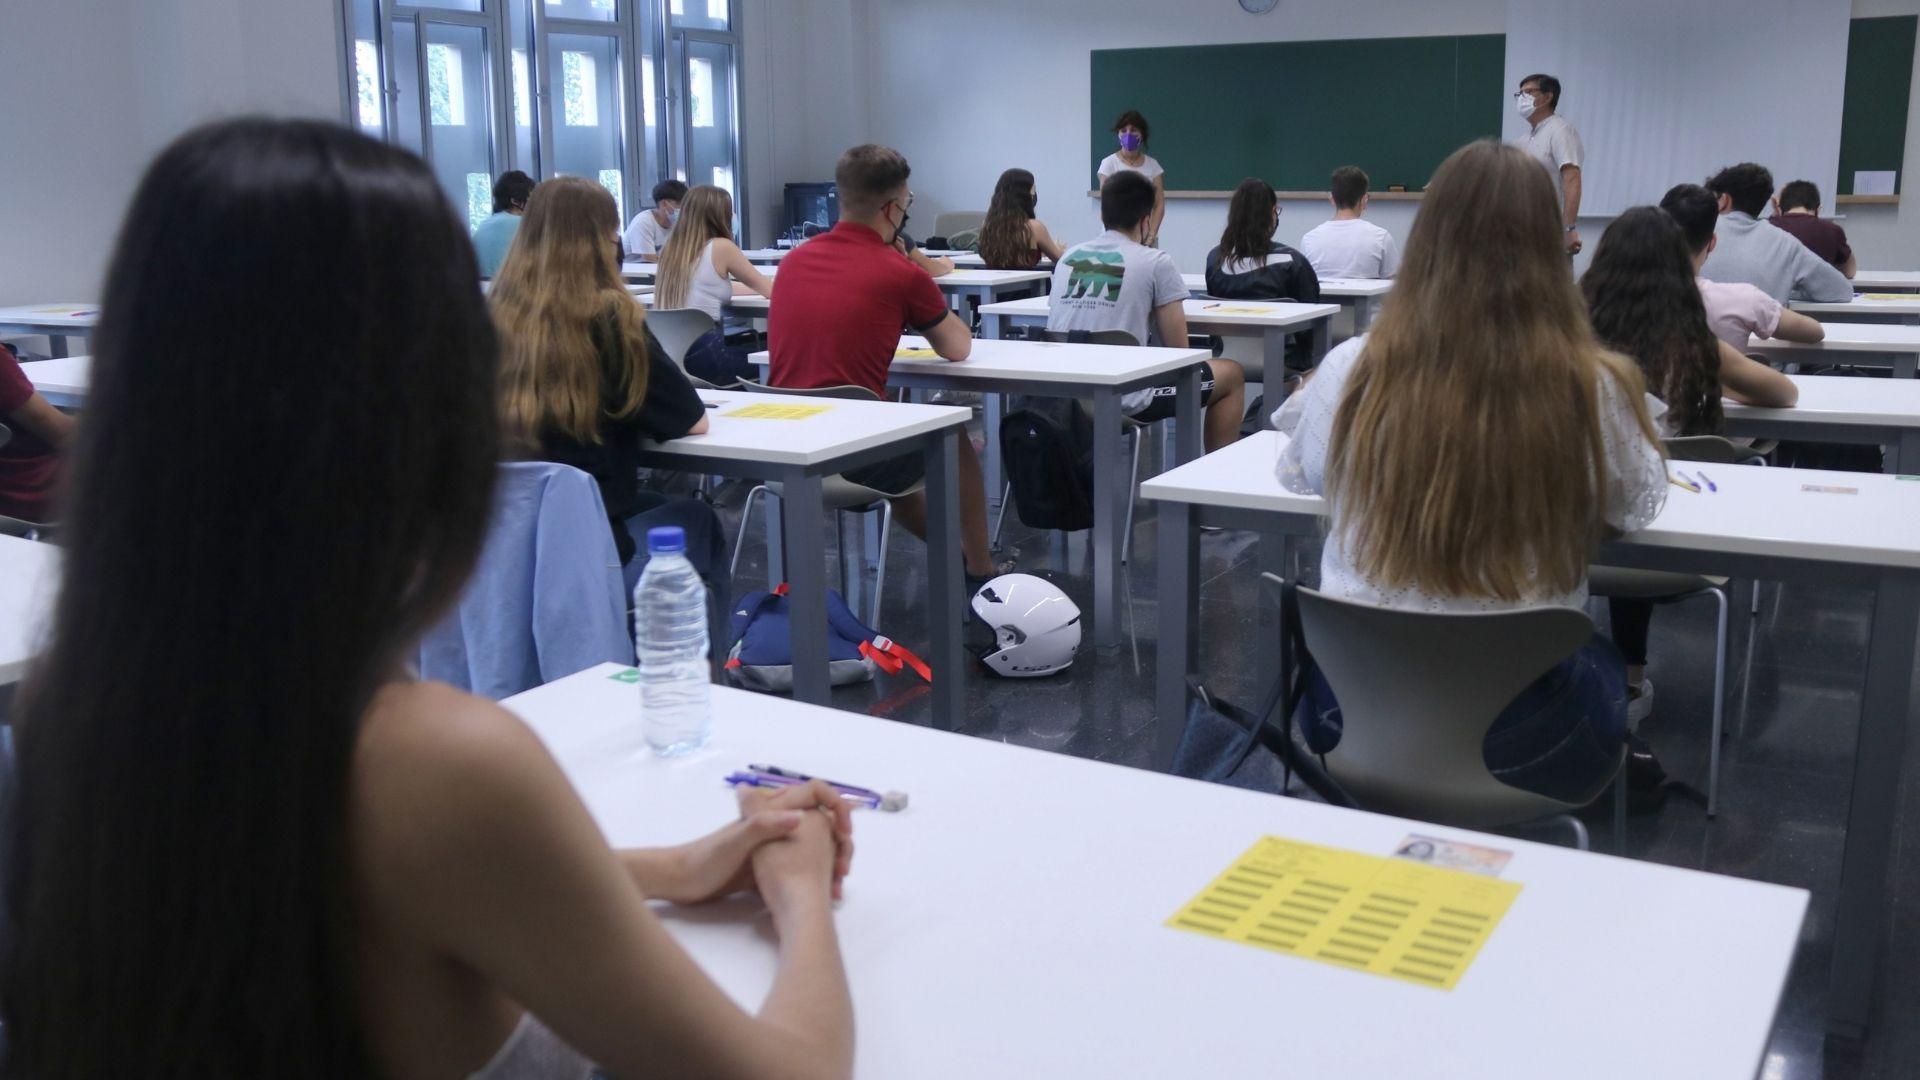 alumnes fent examen selectivitat en una aula